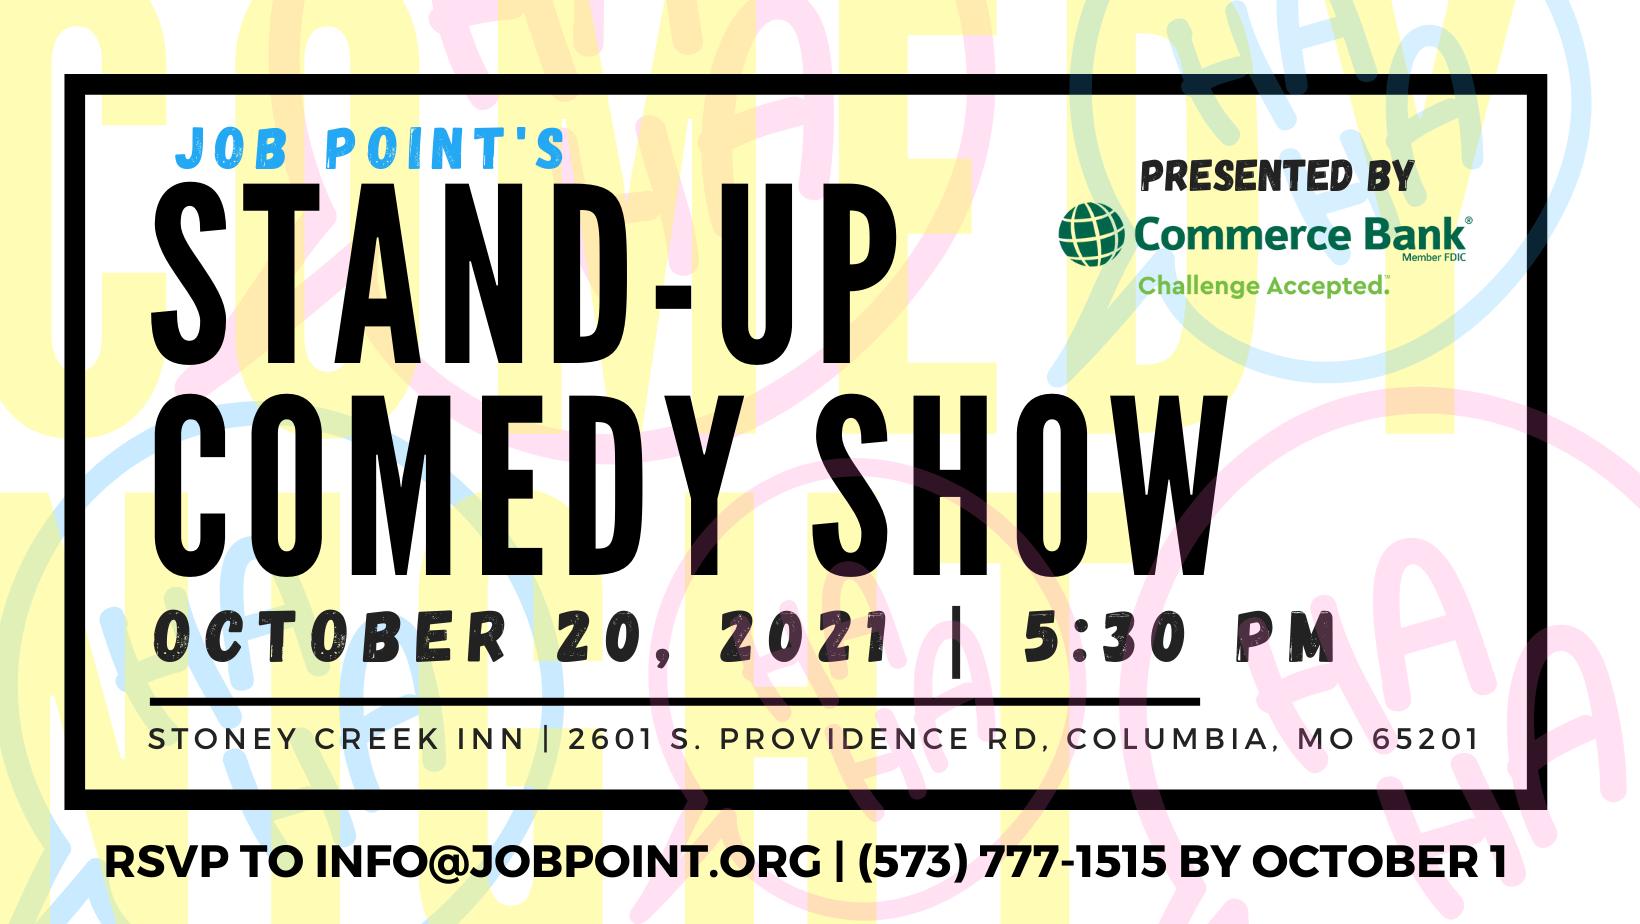 Comedy Night Invitation